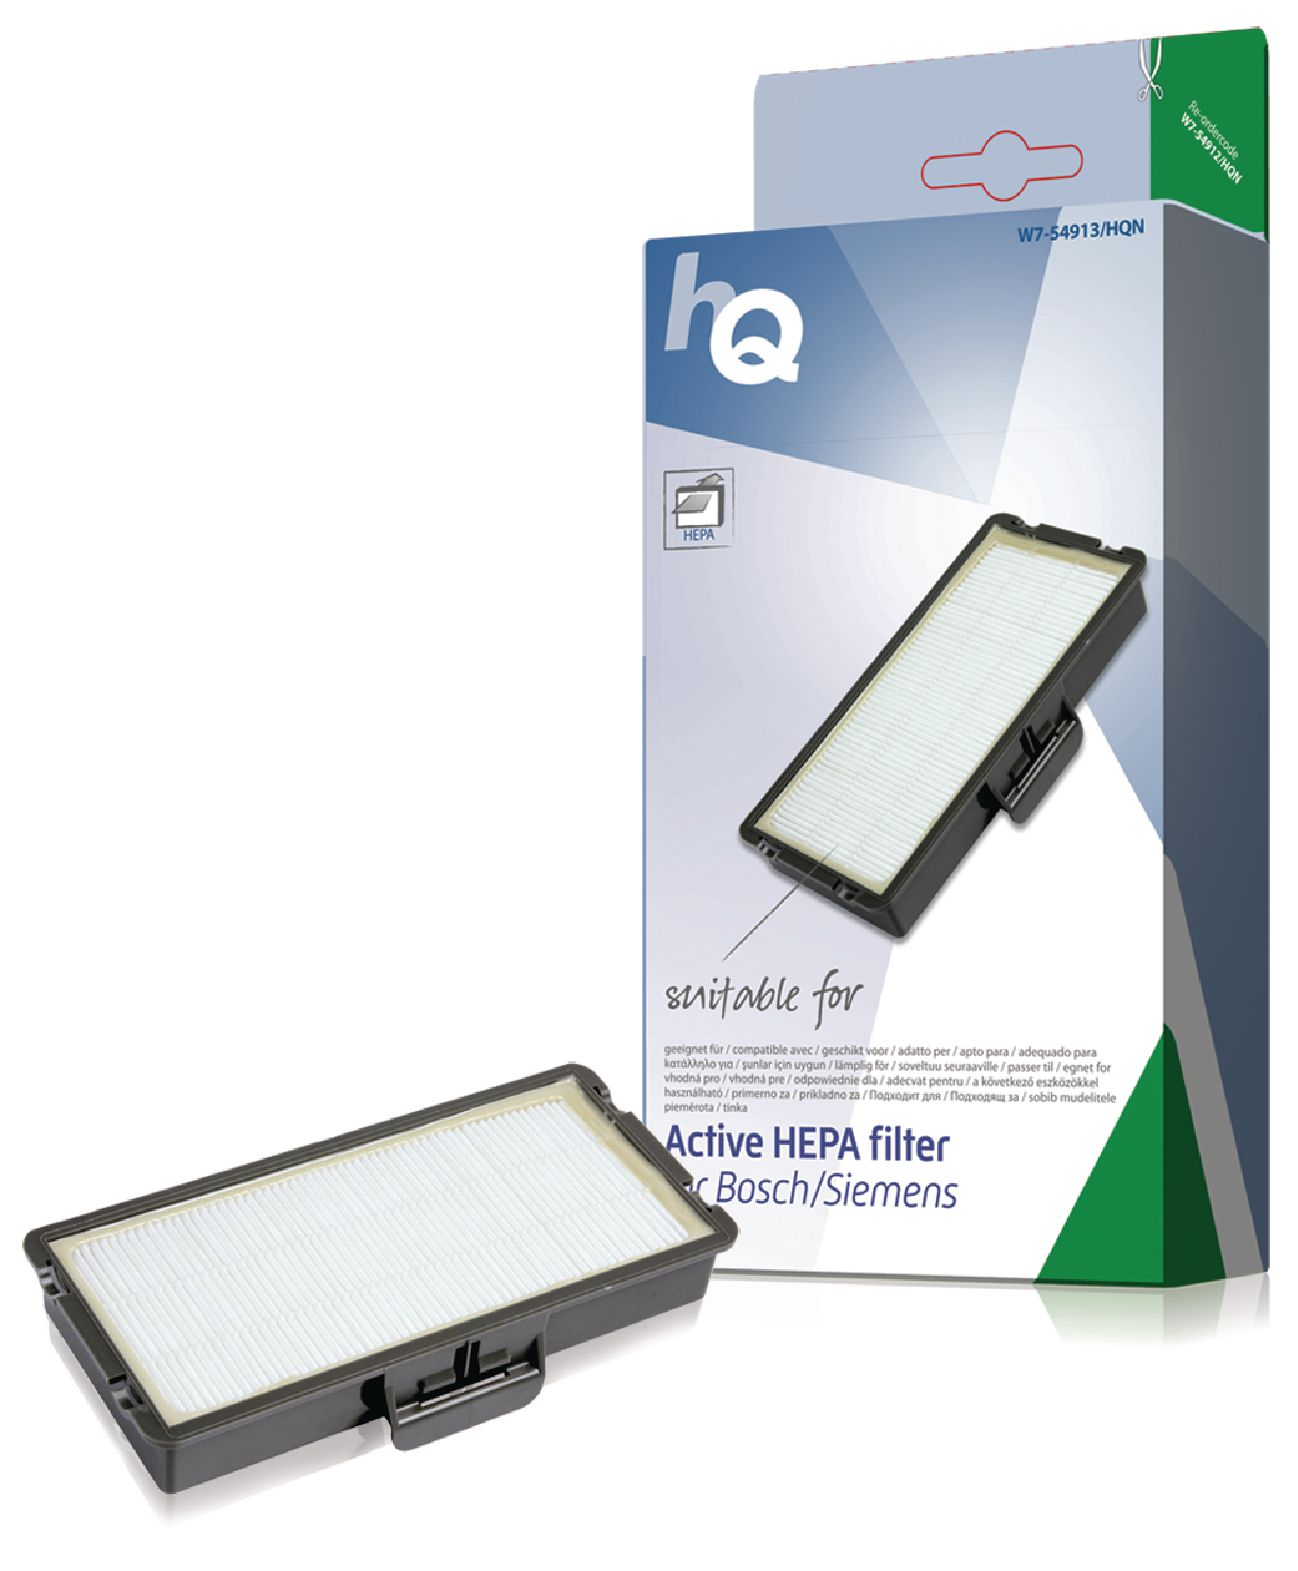 Náhradní aktivní HEPA Filtr Bosch/Siemens - 491669